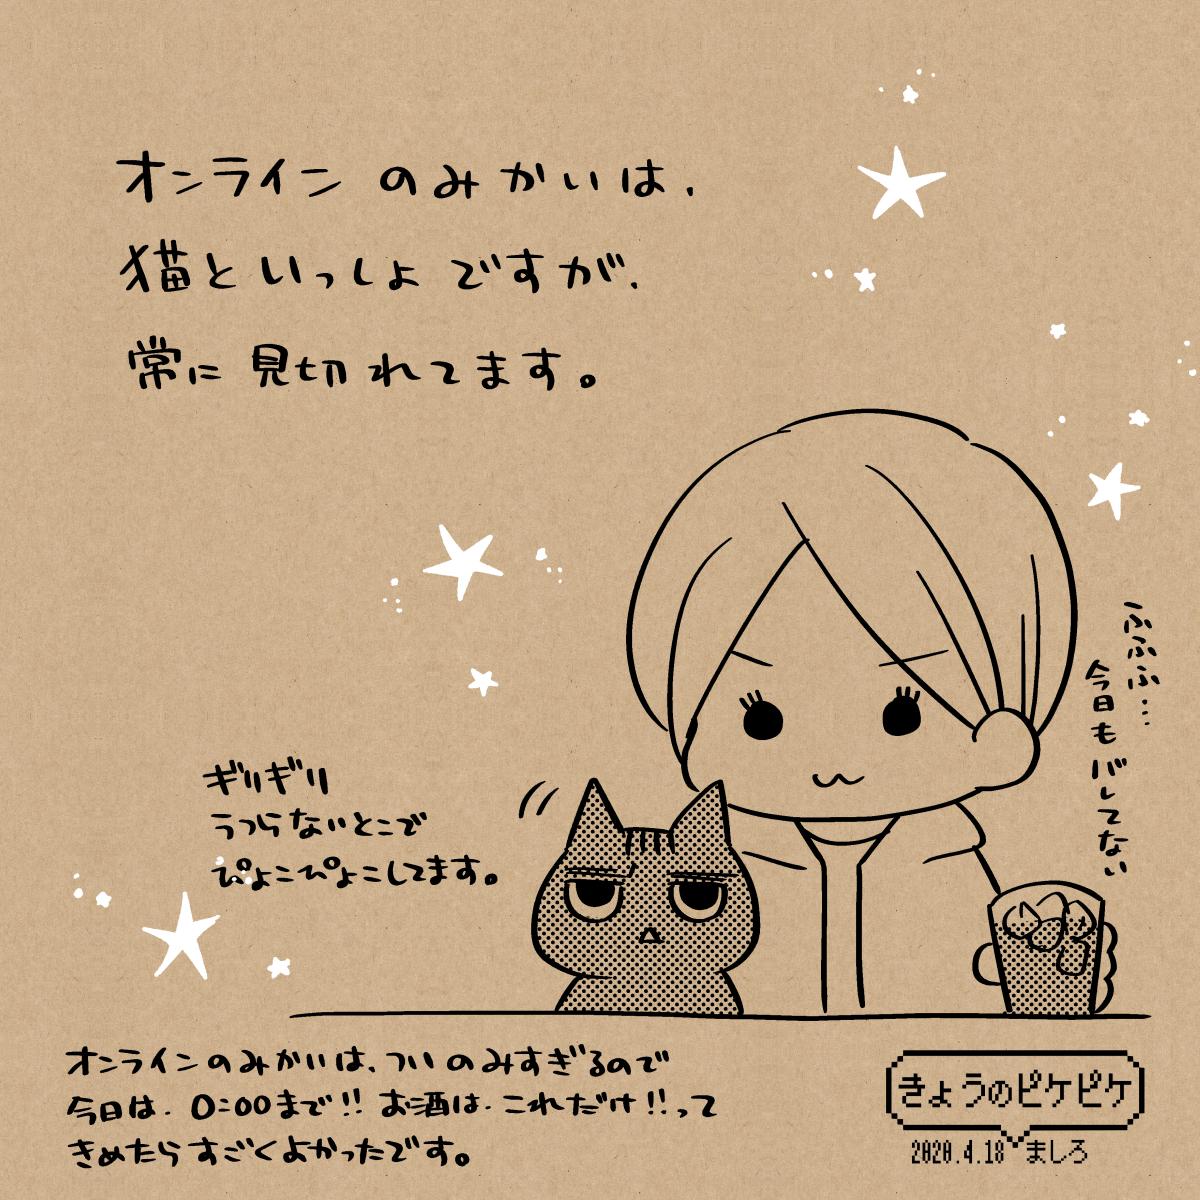 オンライン飲み会.1